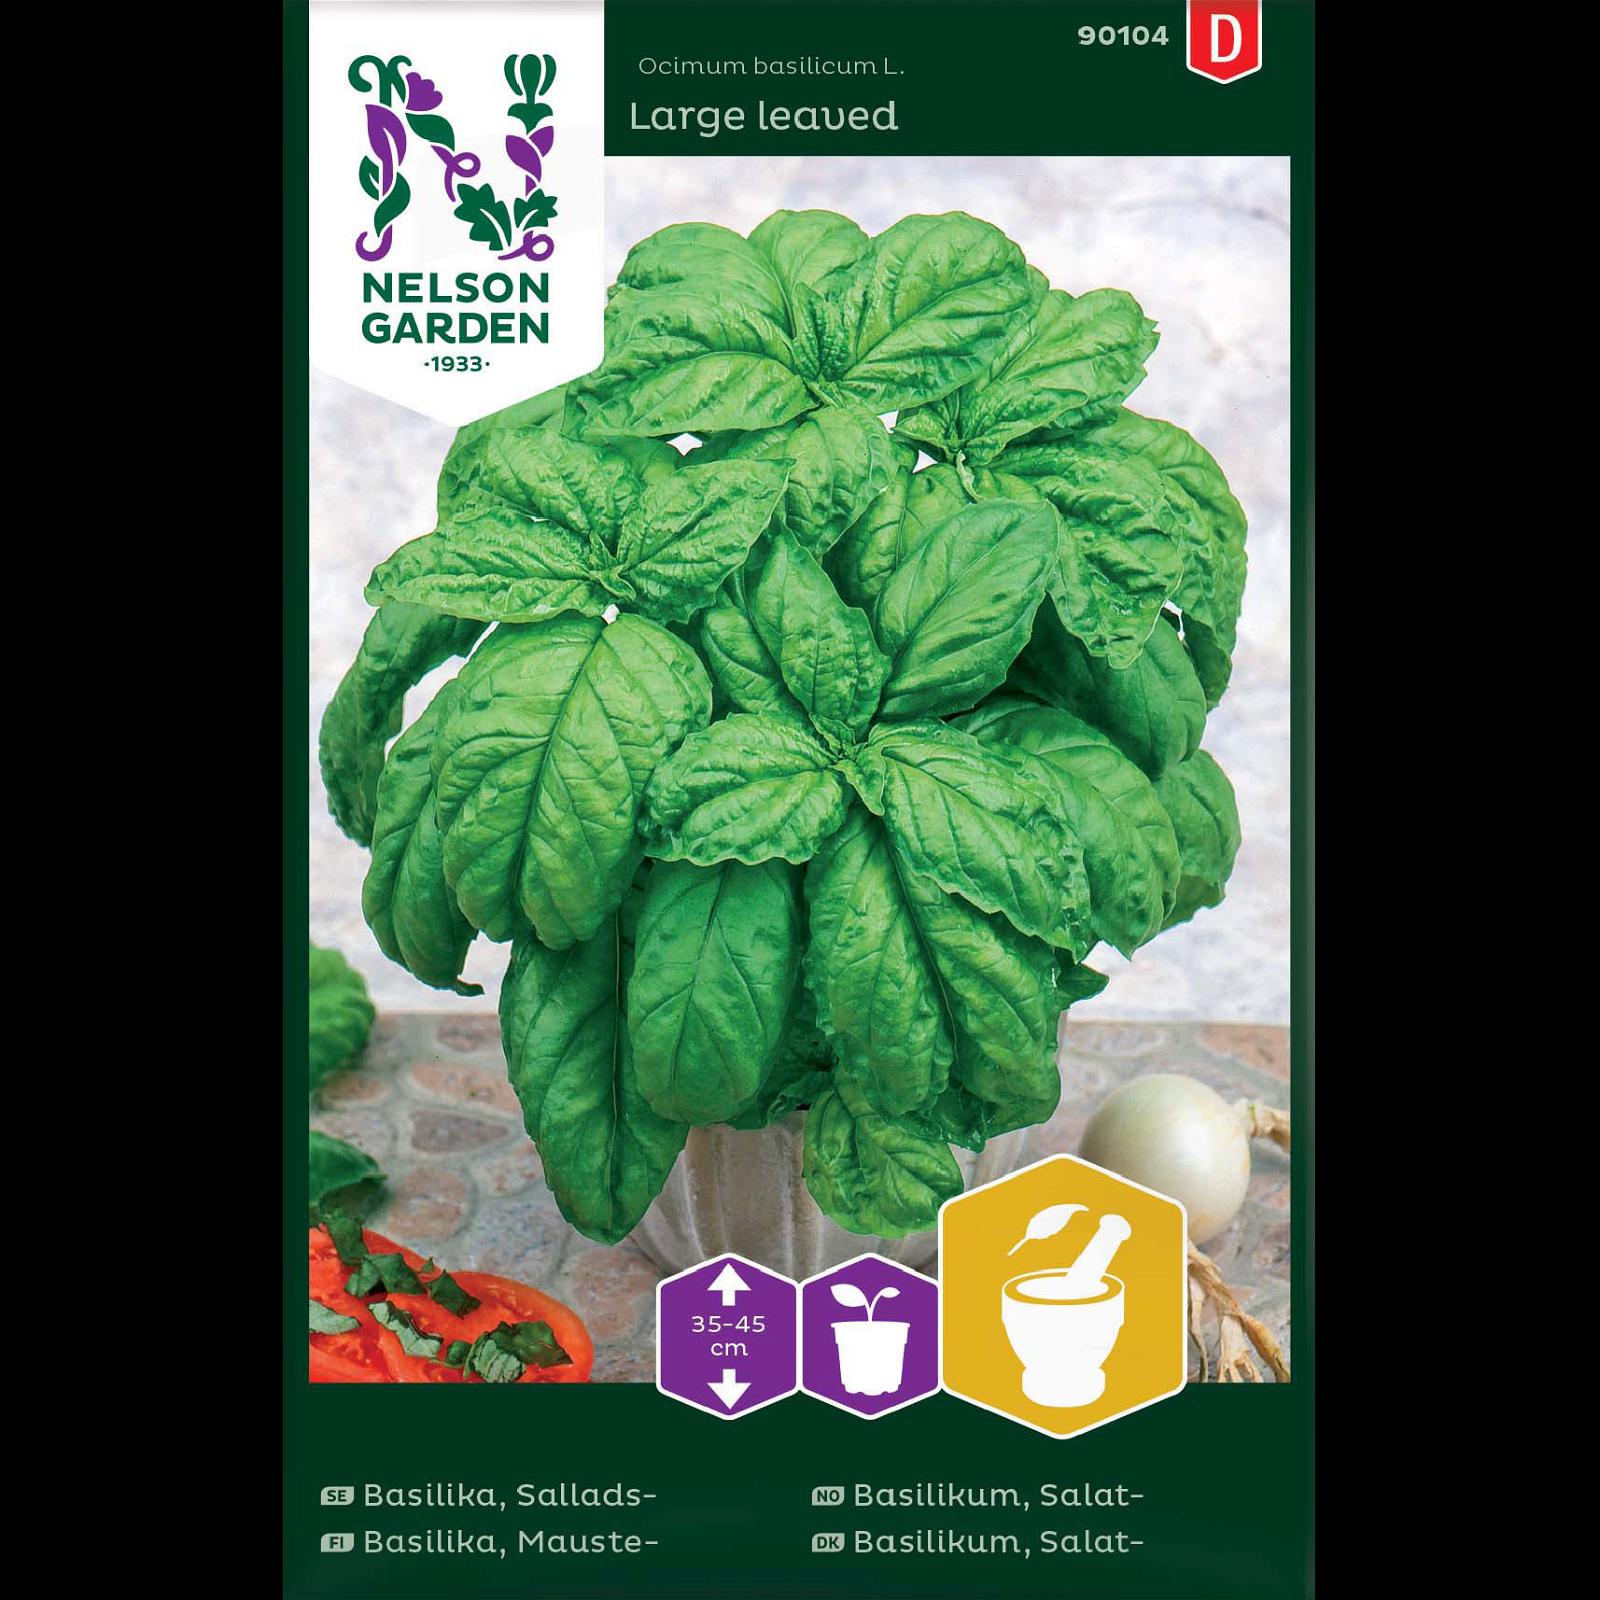 Basilikum, Salat-